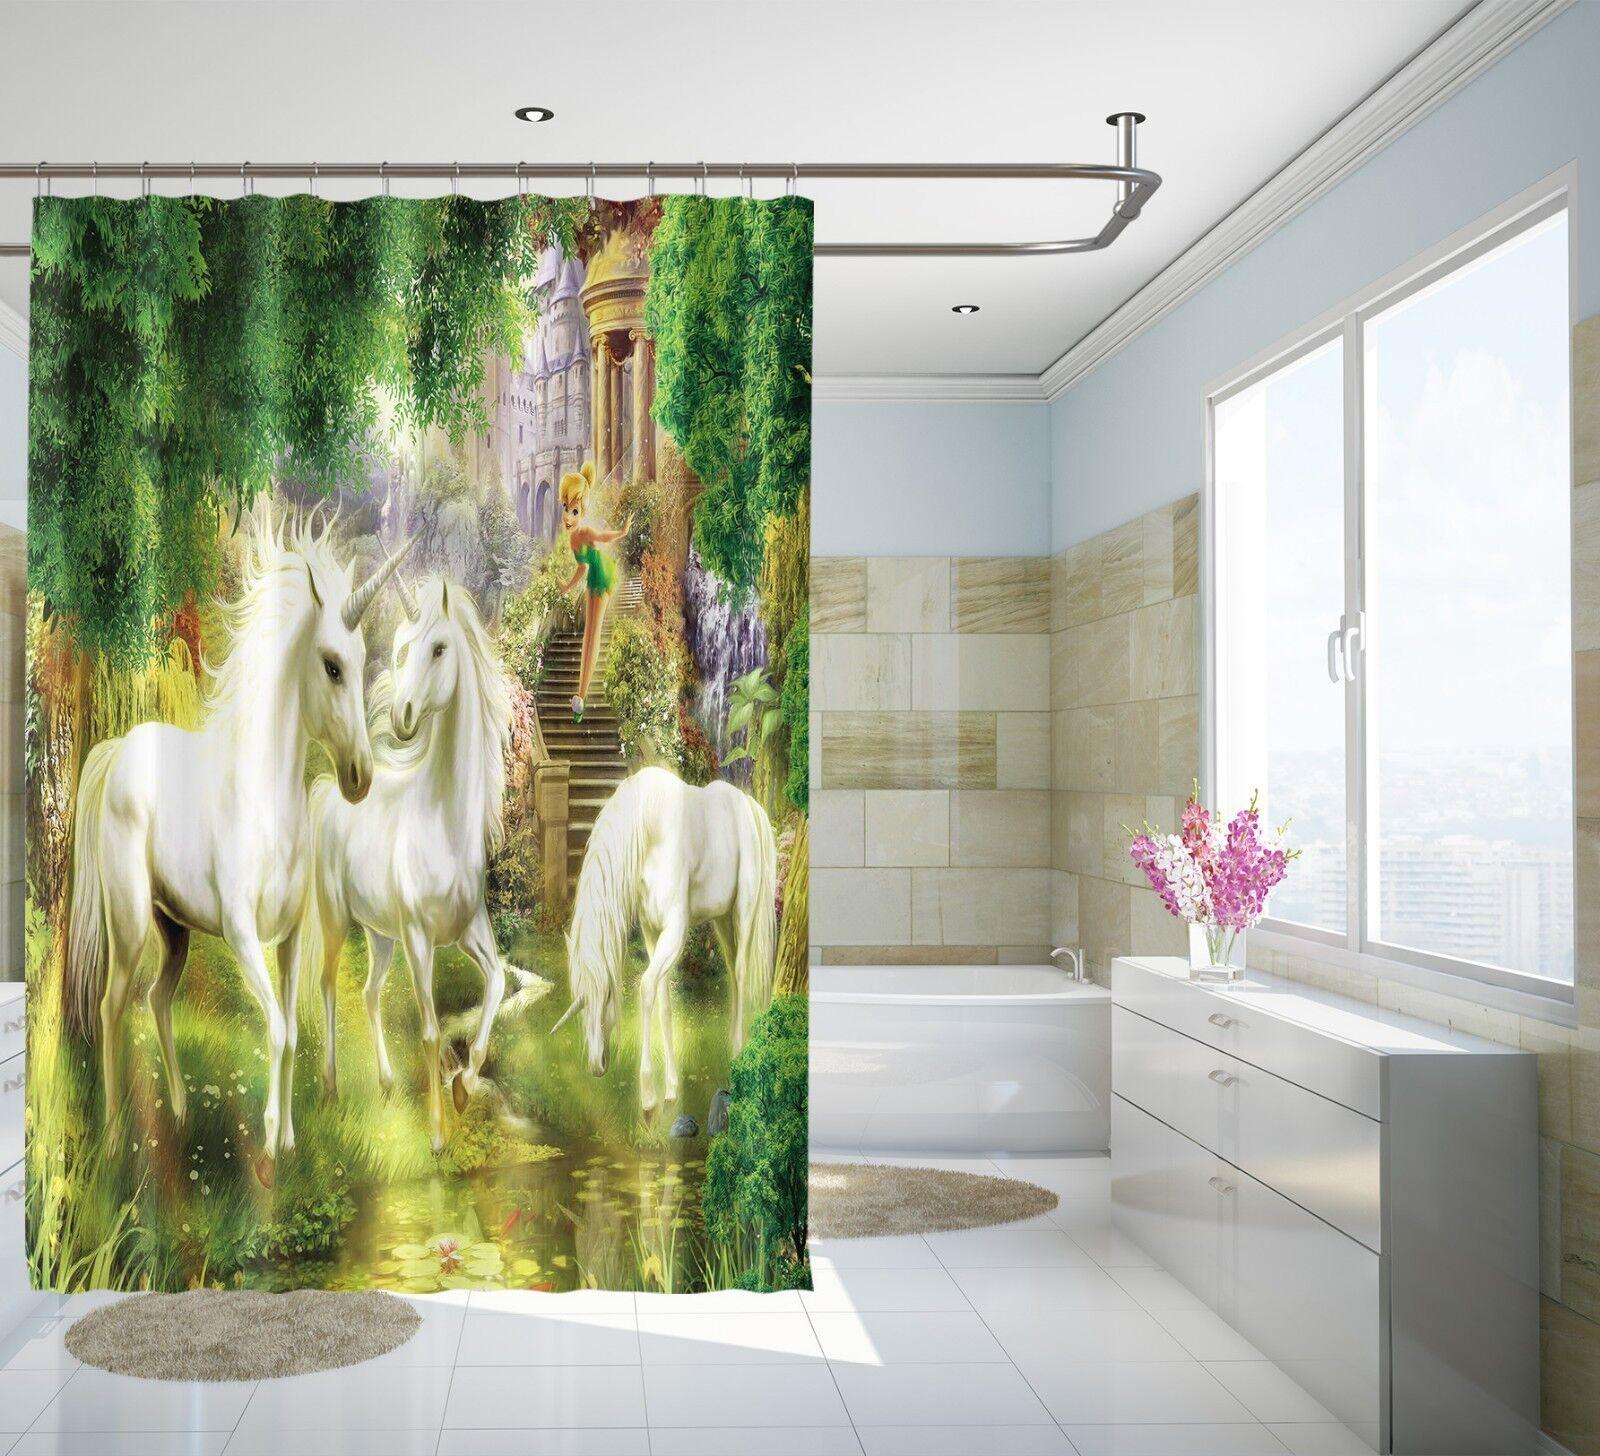 3D Weiß Unicorn 78 Shower Curtain Waterproof Waterproof Waterproof Fiber Bathroom Home Windows Toilet d2ab20